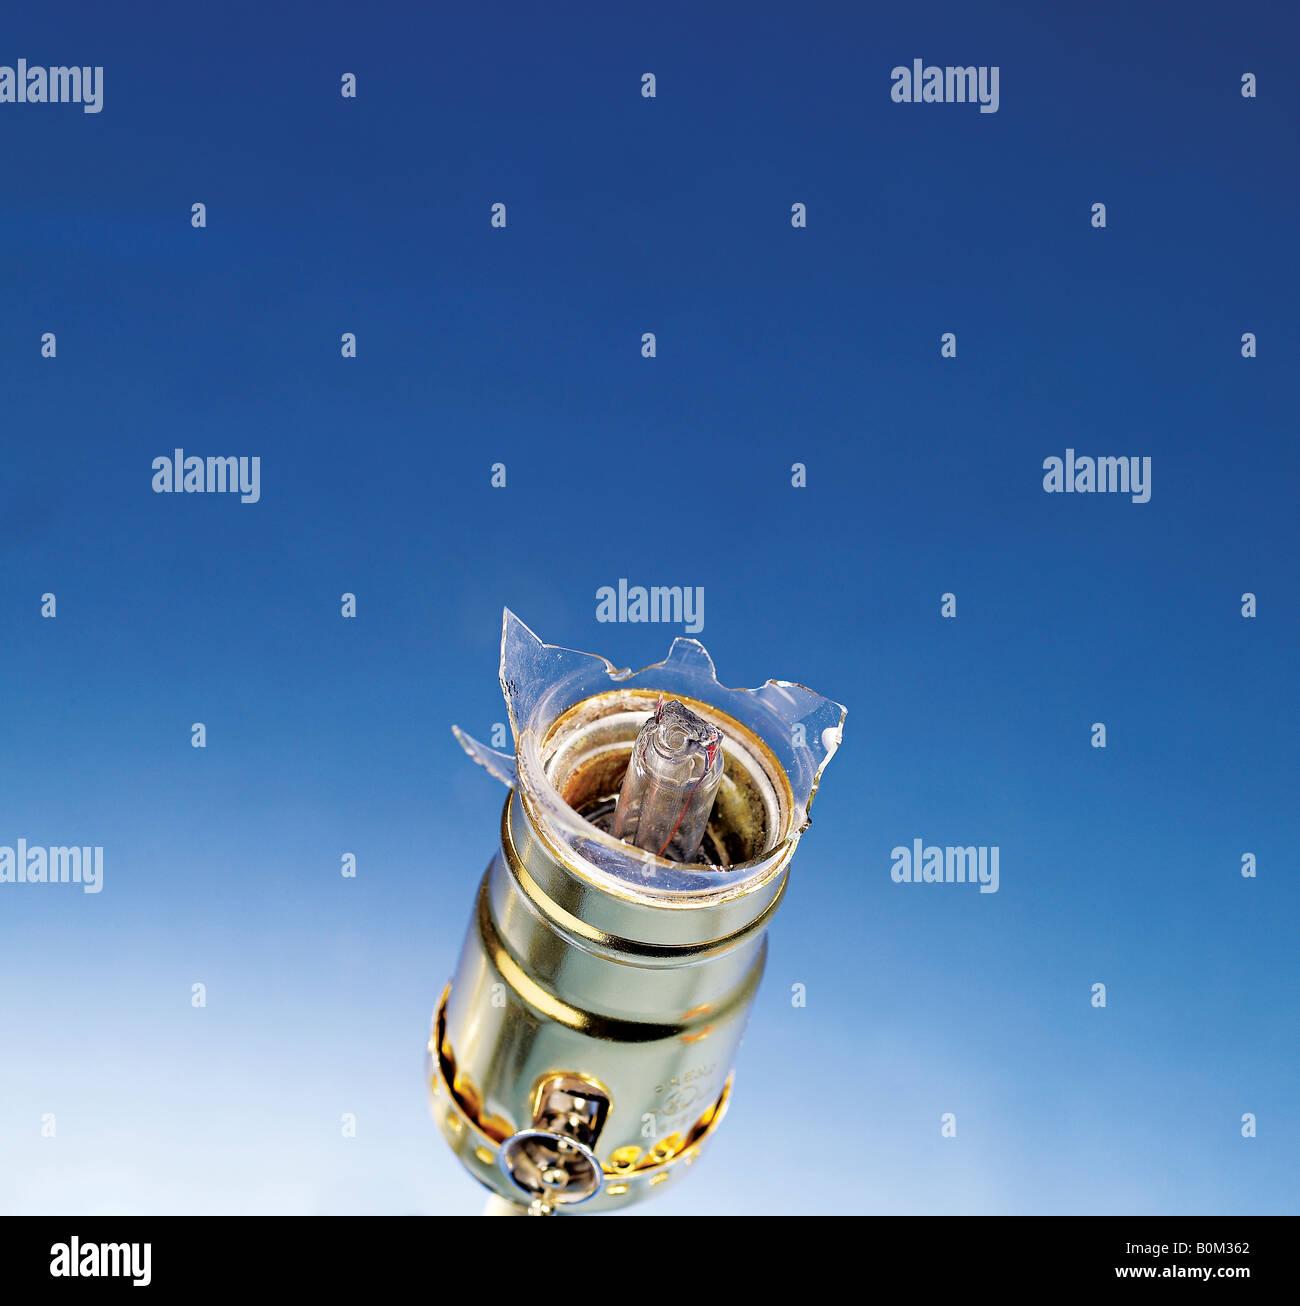 Broken Lightbulb in the socket against blue background - Stock Image